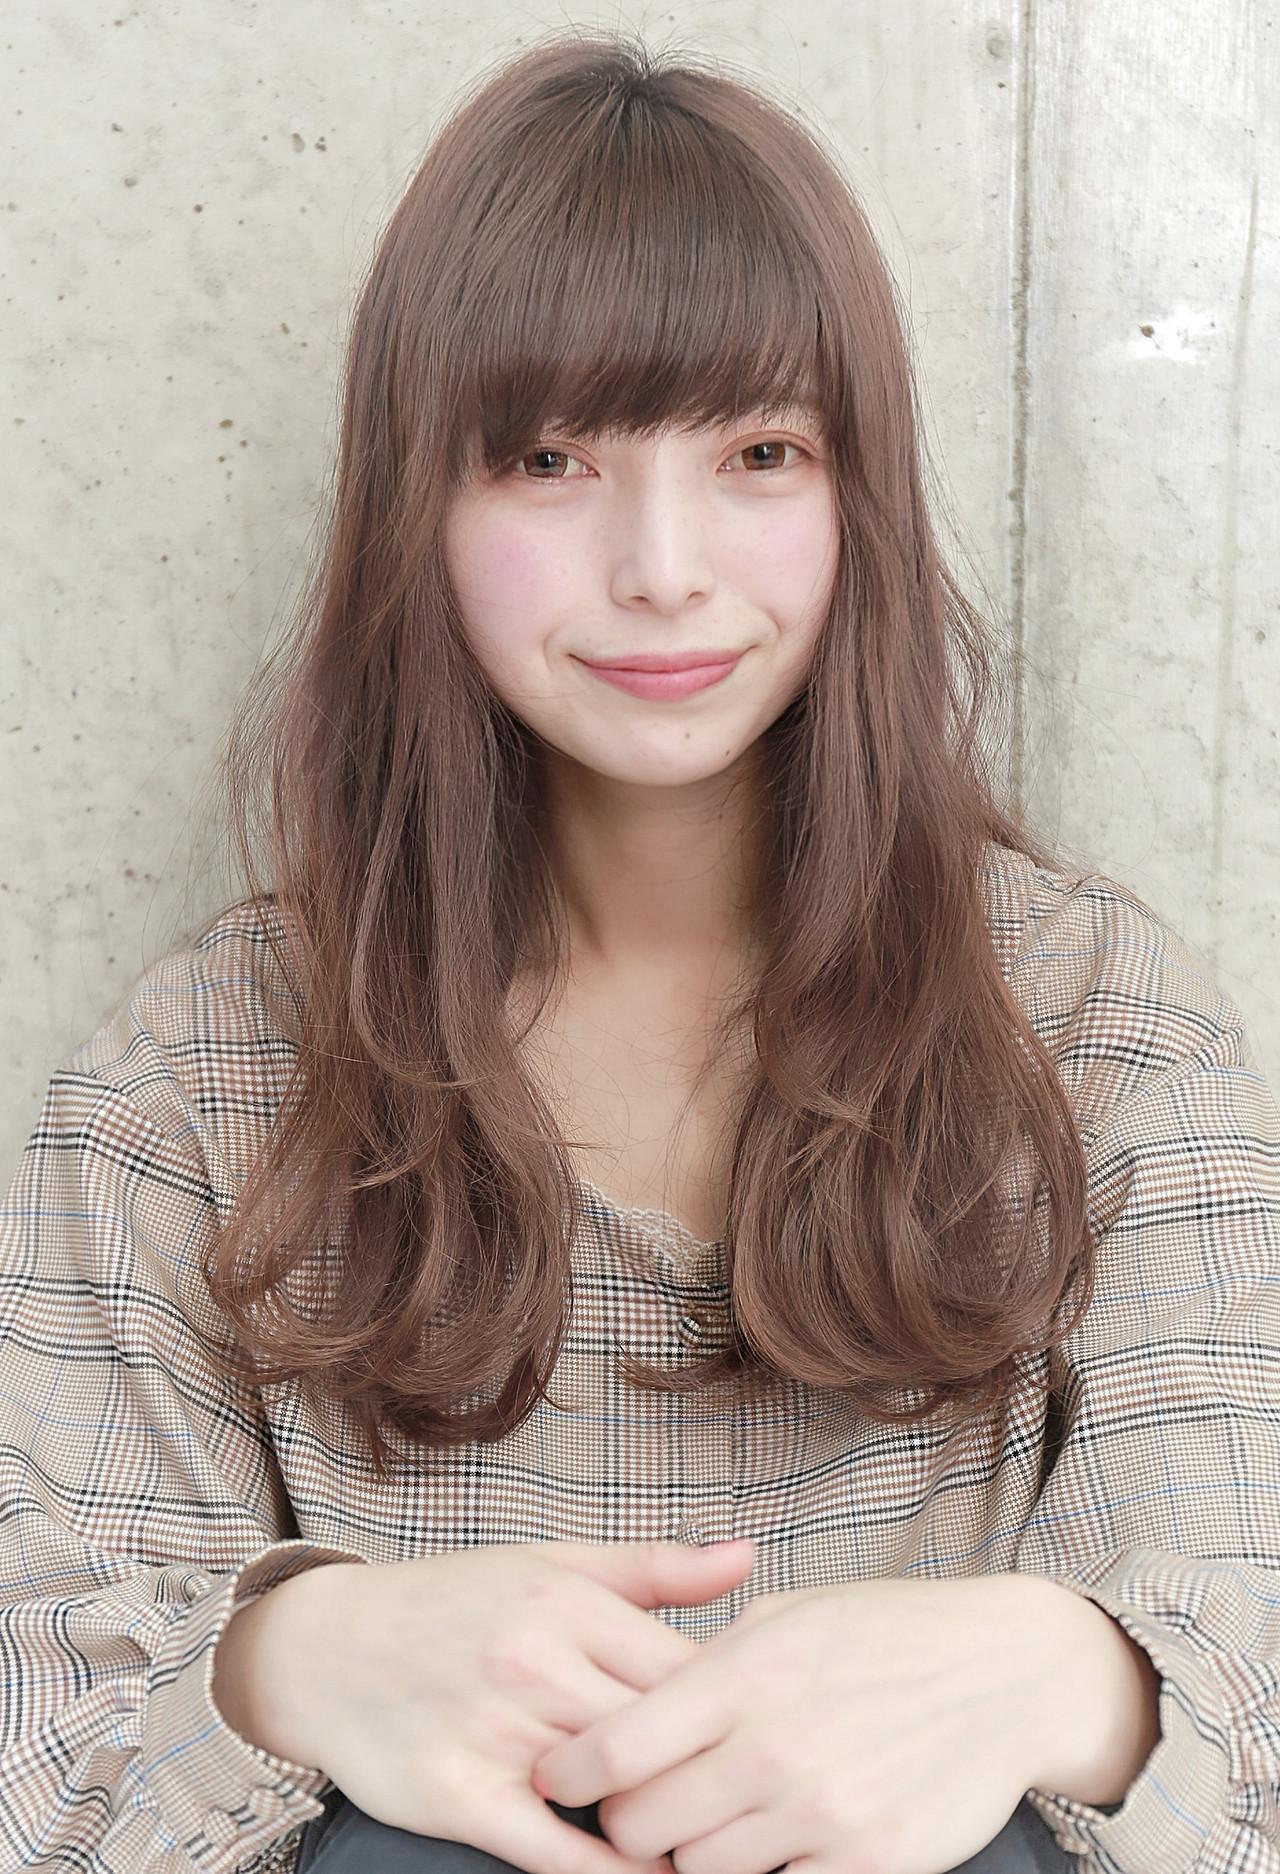 アンニュイほつれヘア ロング デート フェミニン ヘアスタイルや髪型の写真・画像